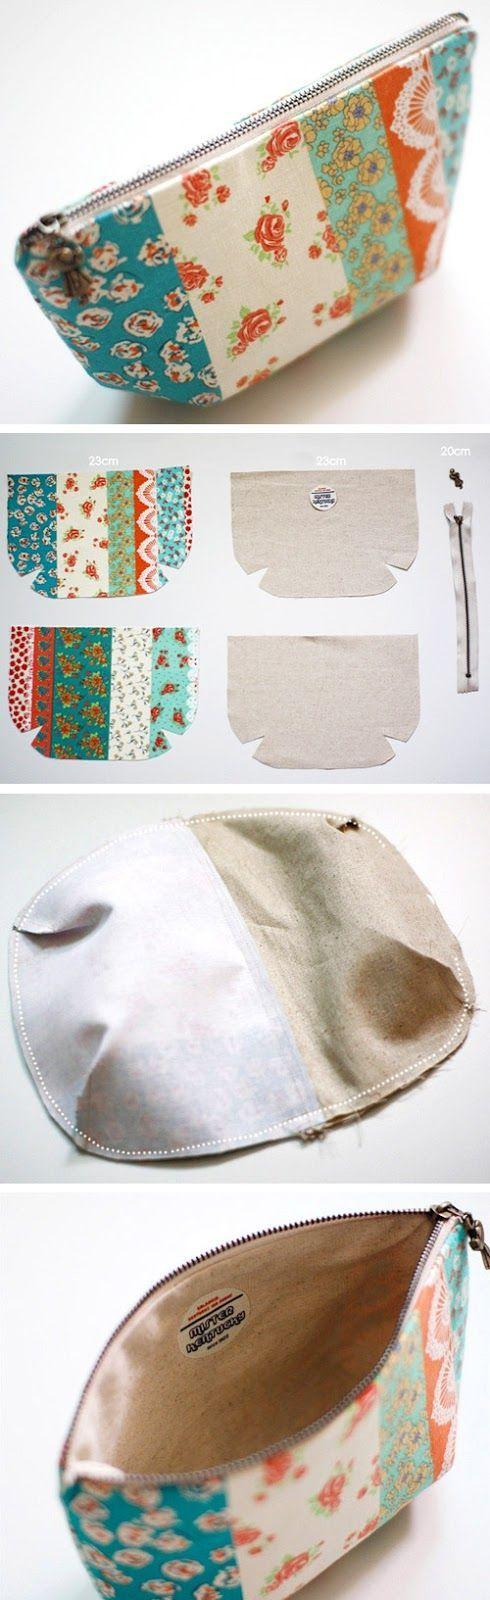 Necesserie   Pra fazer   Pinterest   Costura, Bolsa y Bolsos